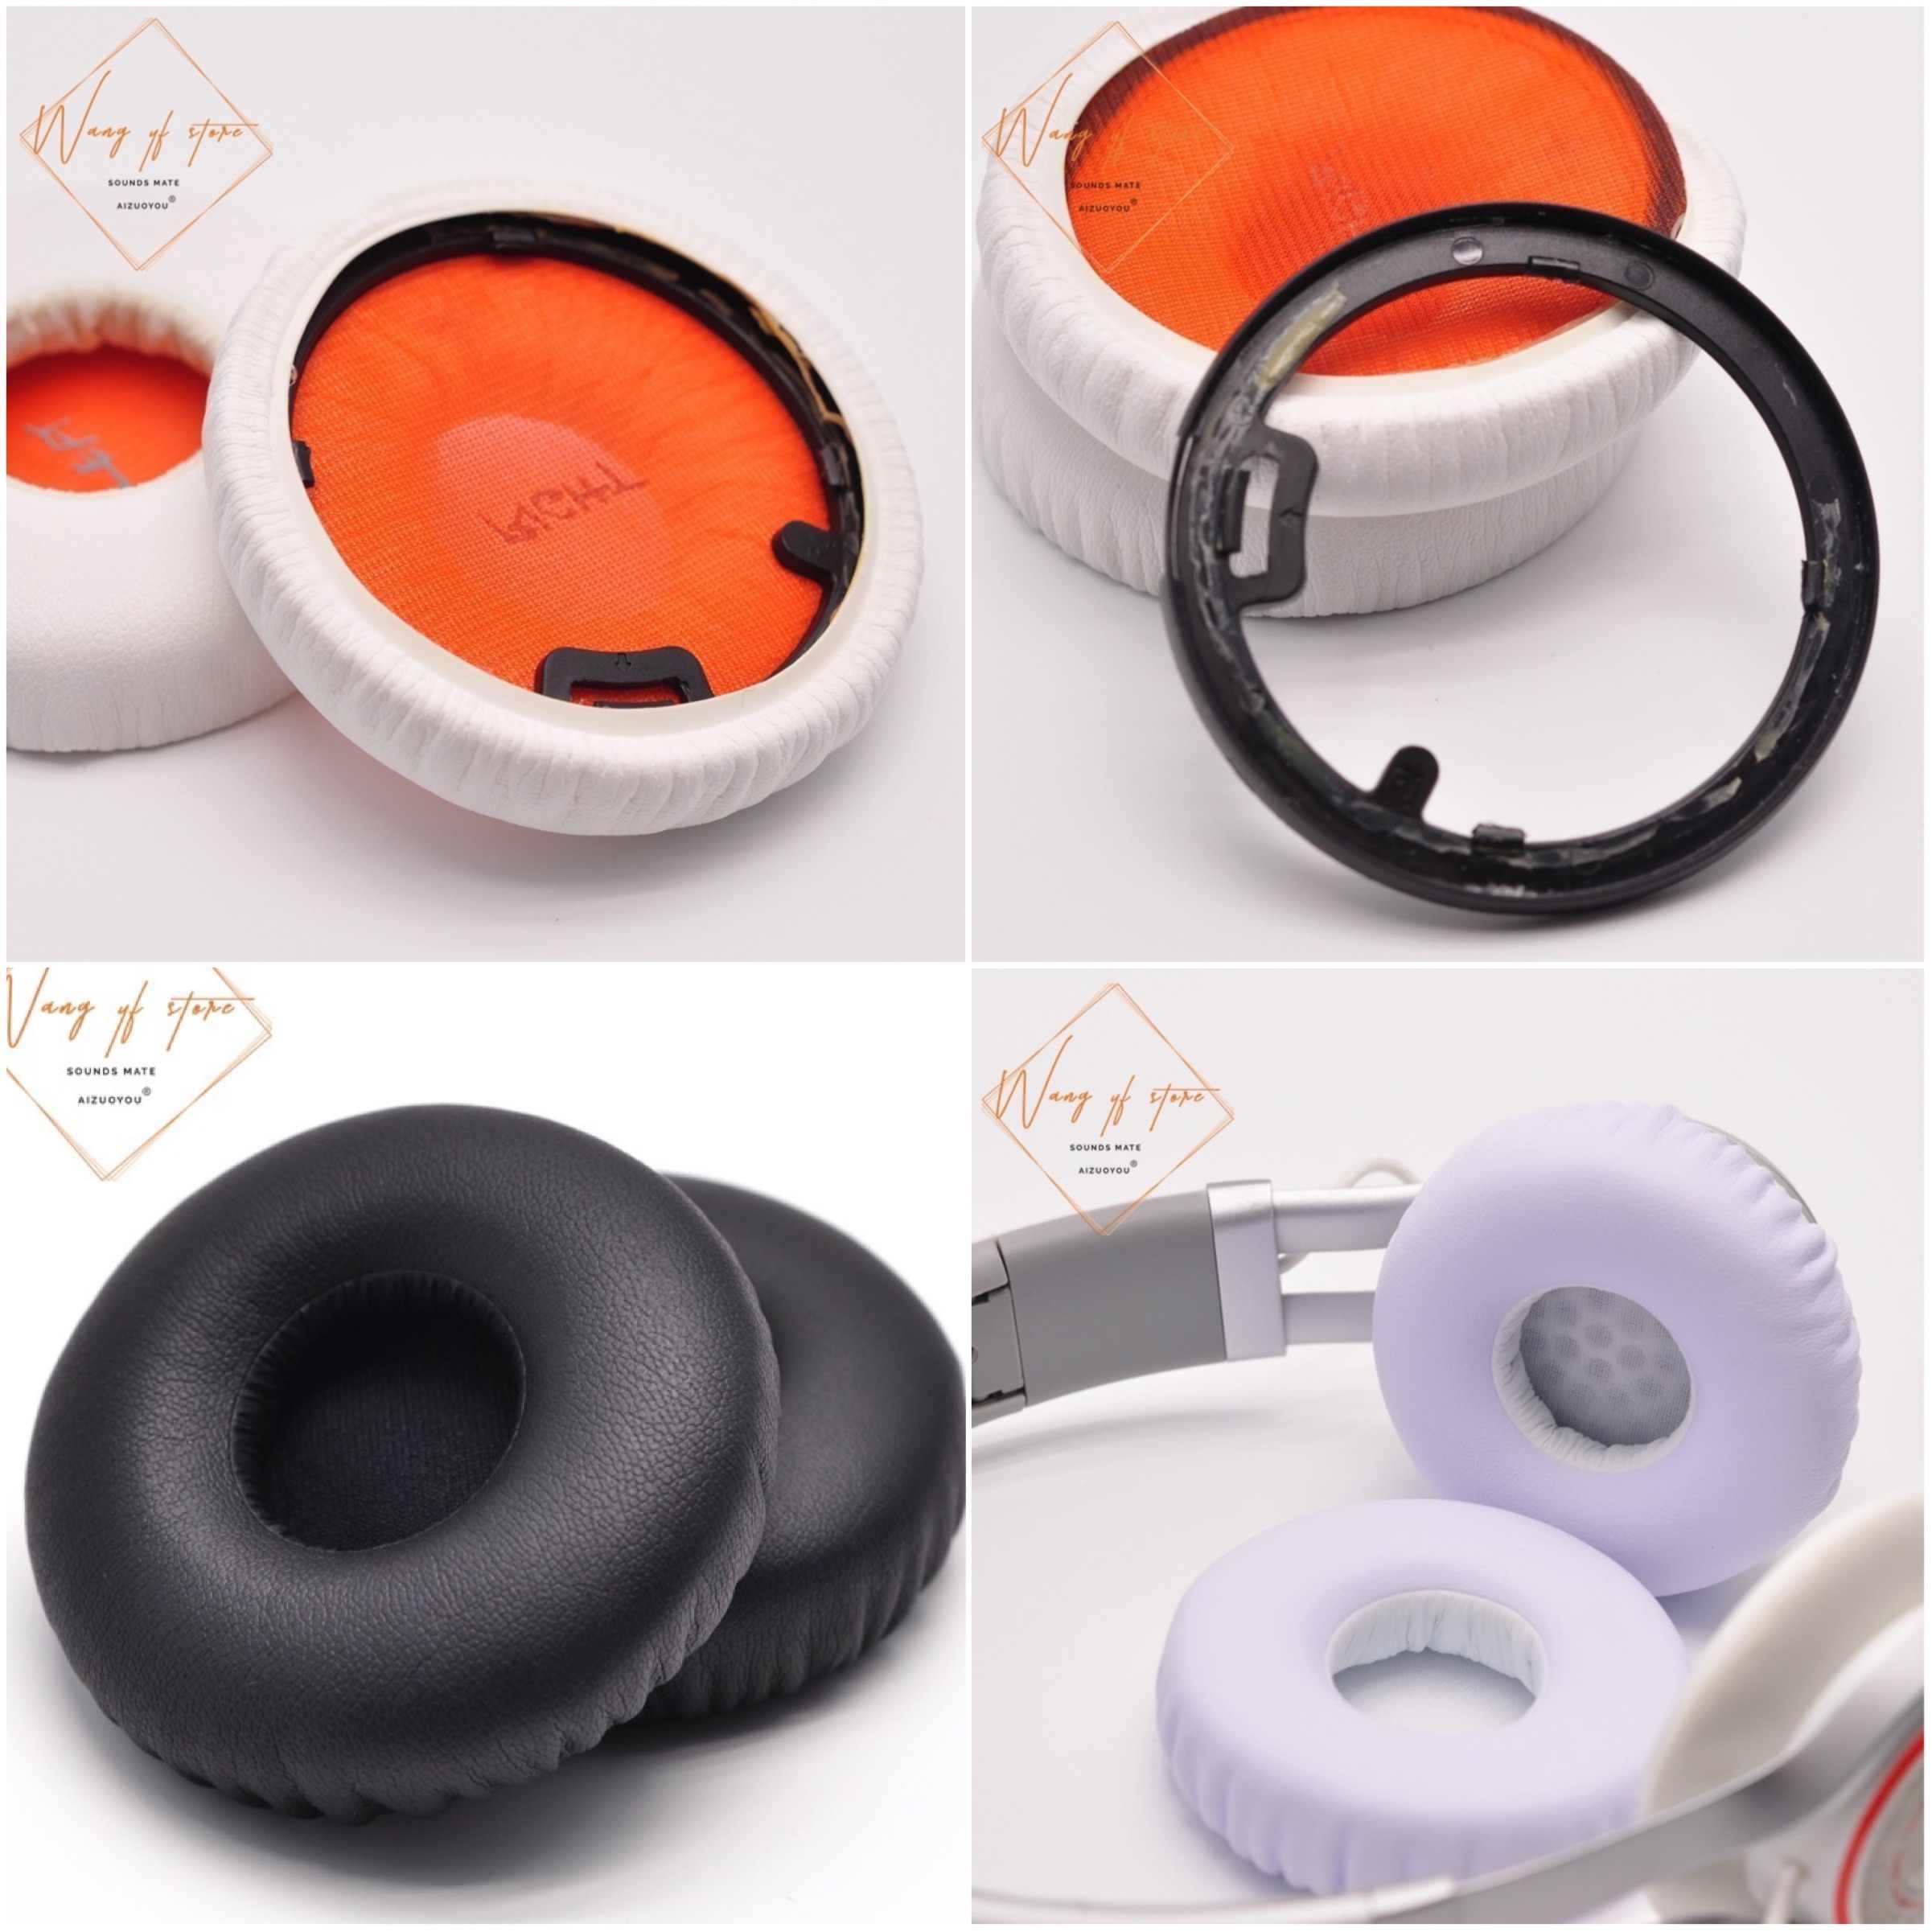 Bellek sünger köpük kulaklık yastığı yumuşak yastık için Jabra Revo  kablosuz kulaklık kulaklık kulaklık|Earphone Accessories